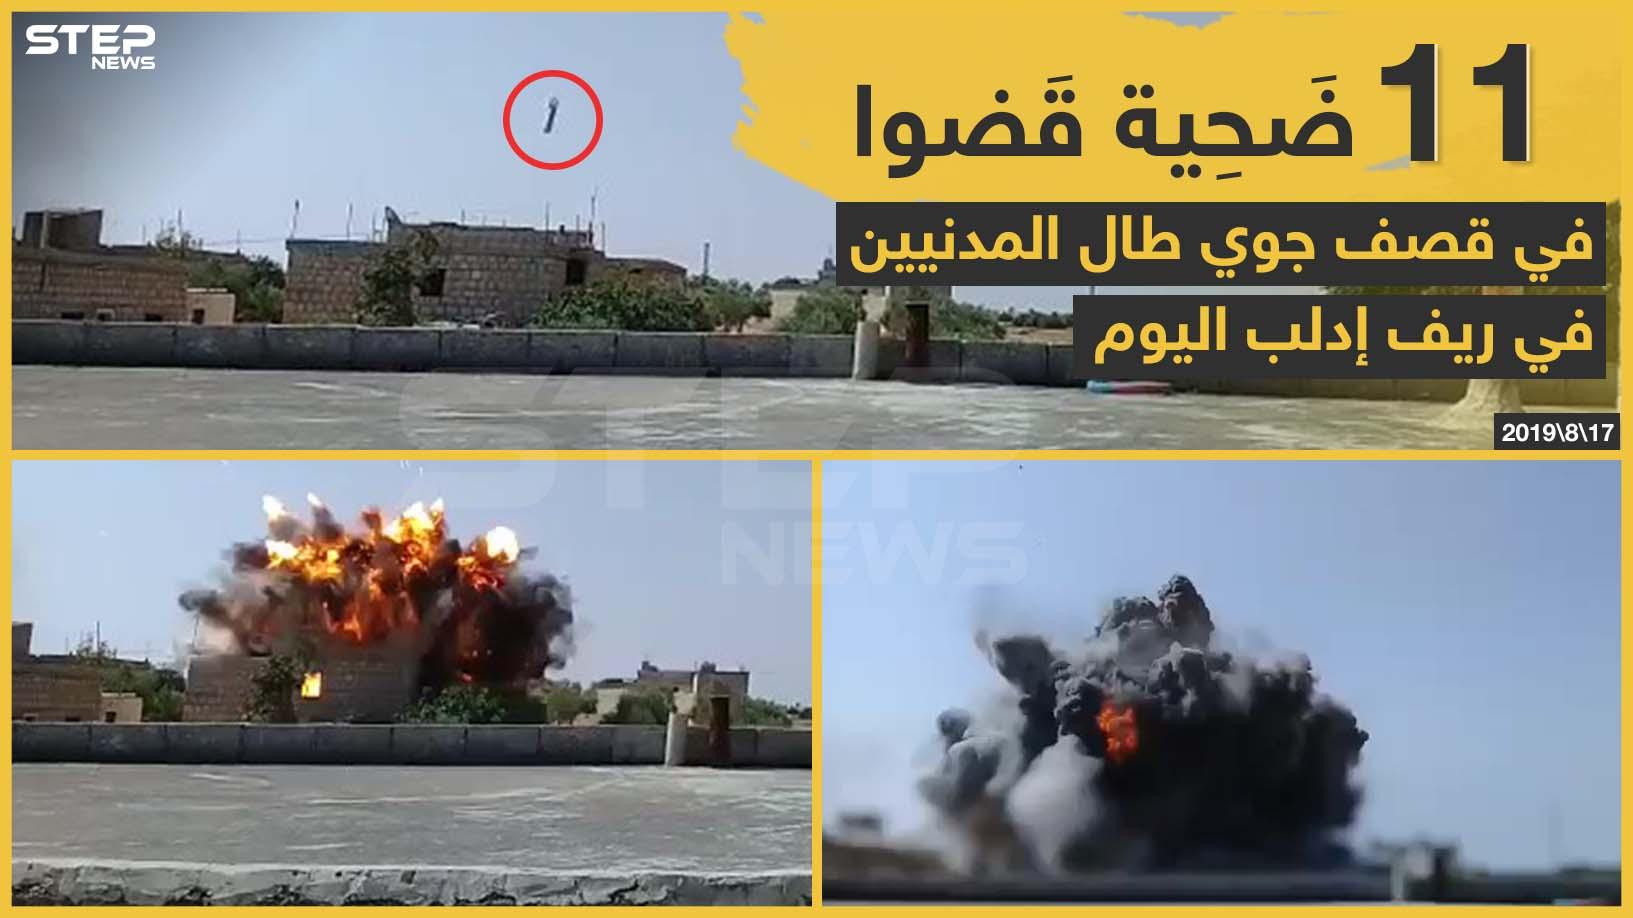 11 ضَحية قَضوا في قصف جوي طال المدنيين بريف إدلب اليوم